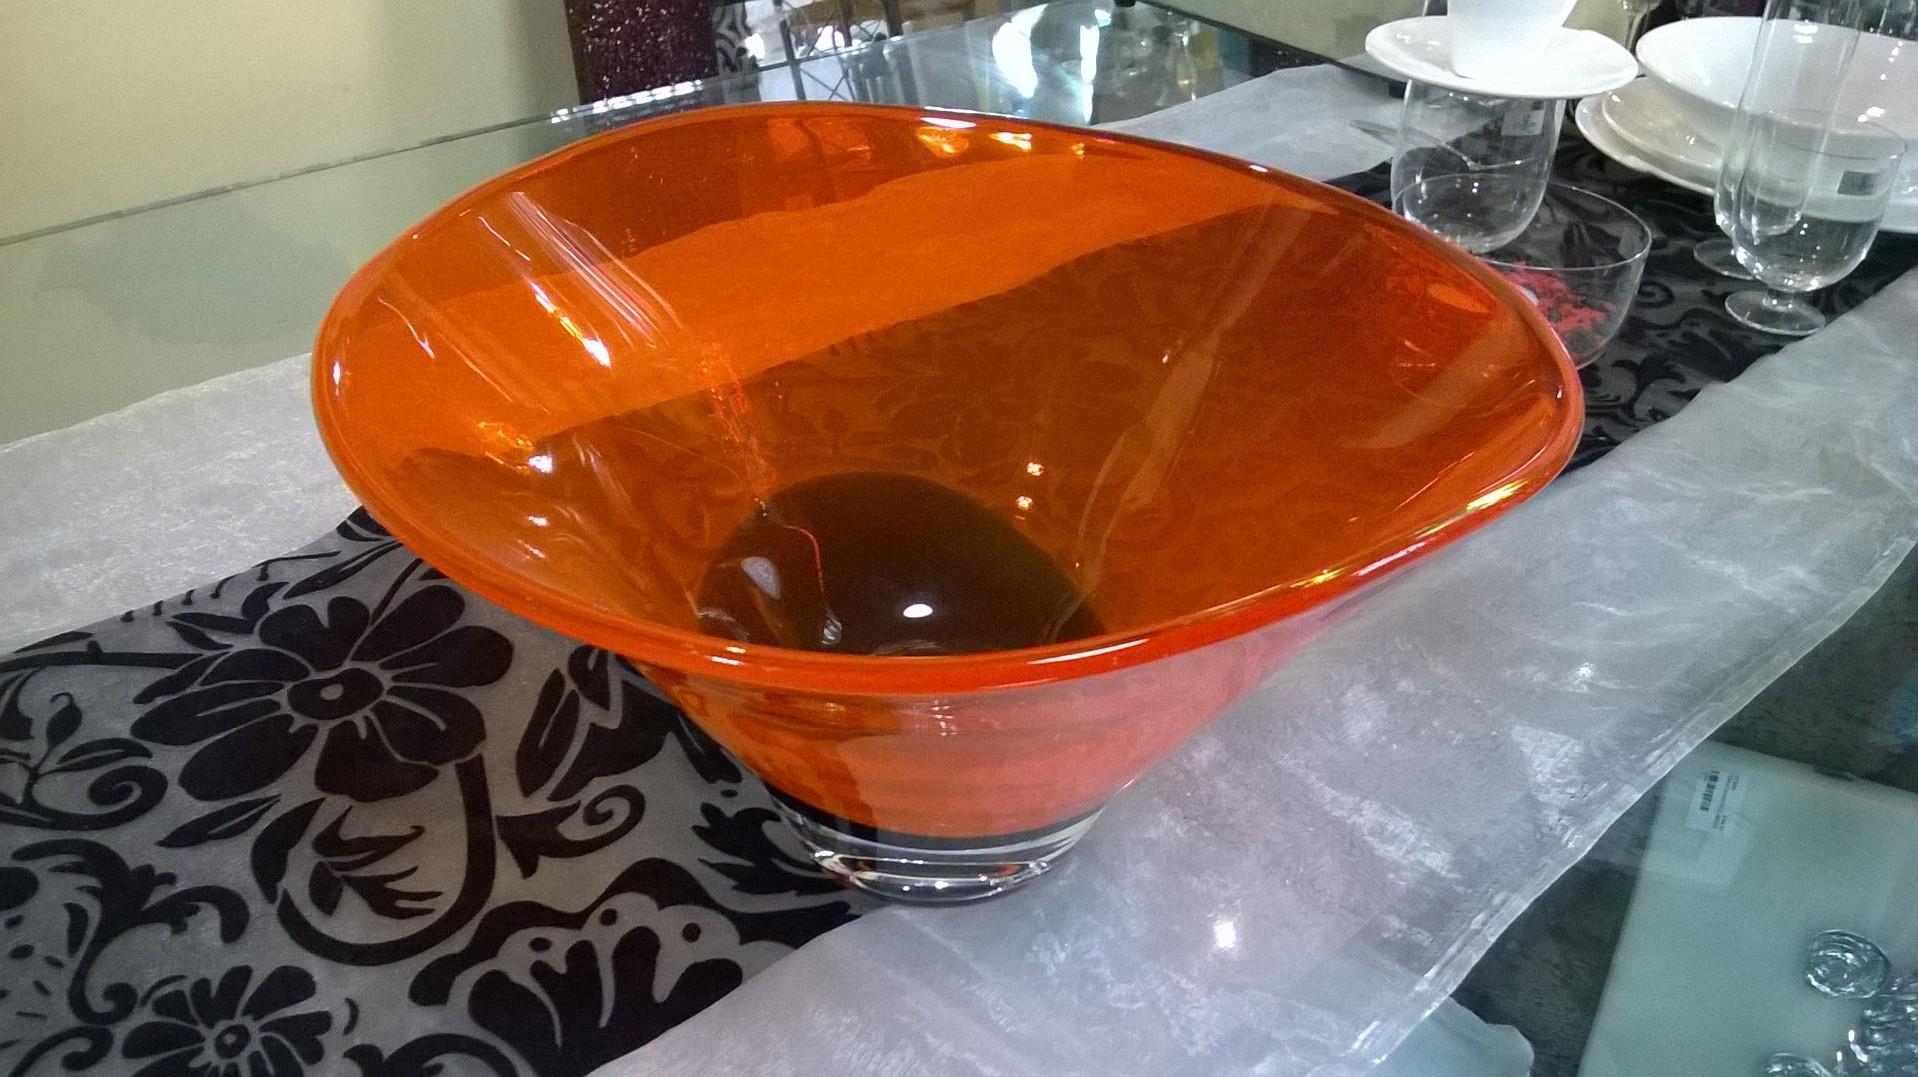 Tavolo Calypso Veneta Cucine.Centro Tavola Calypso Lombardelli Arredamenti